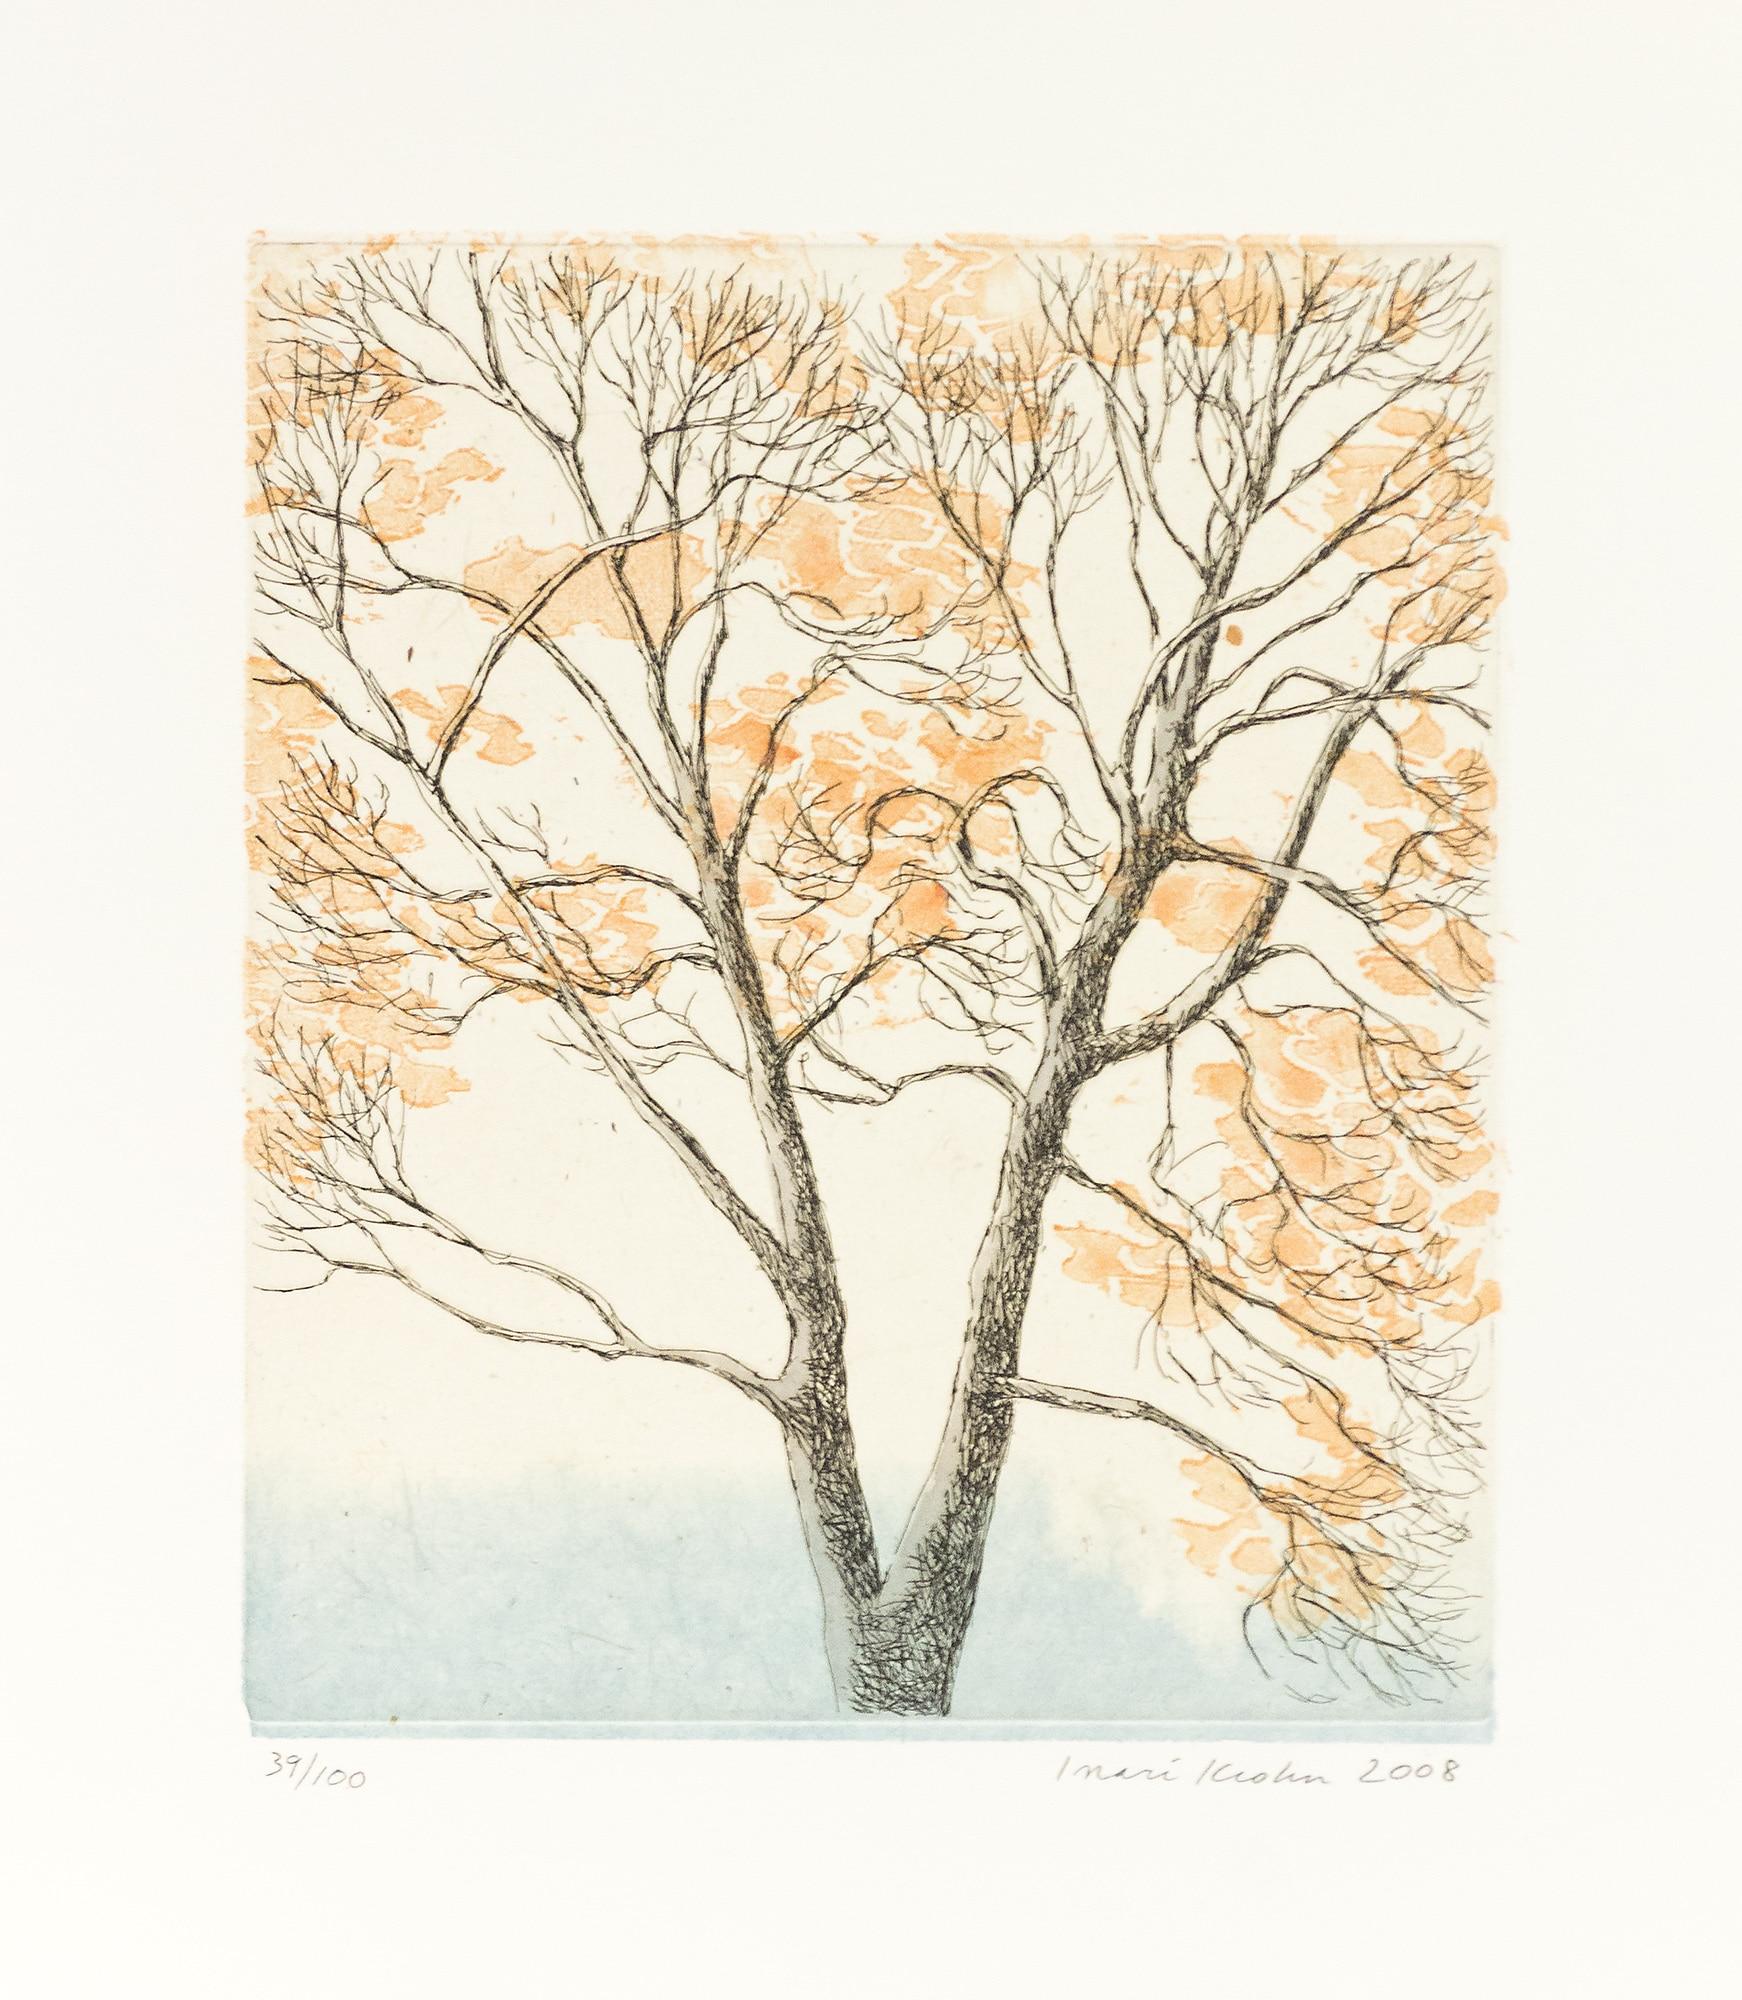 Inari_Krohn_puu_syksyllä